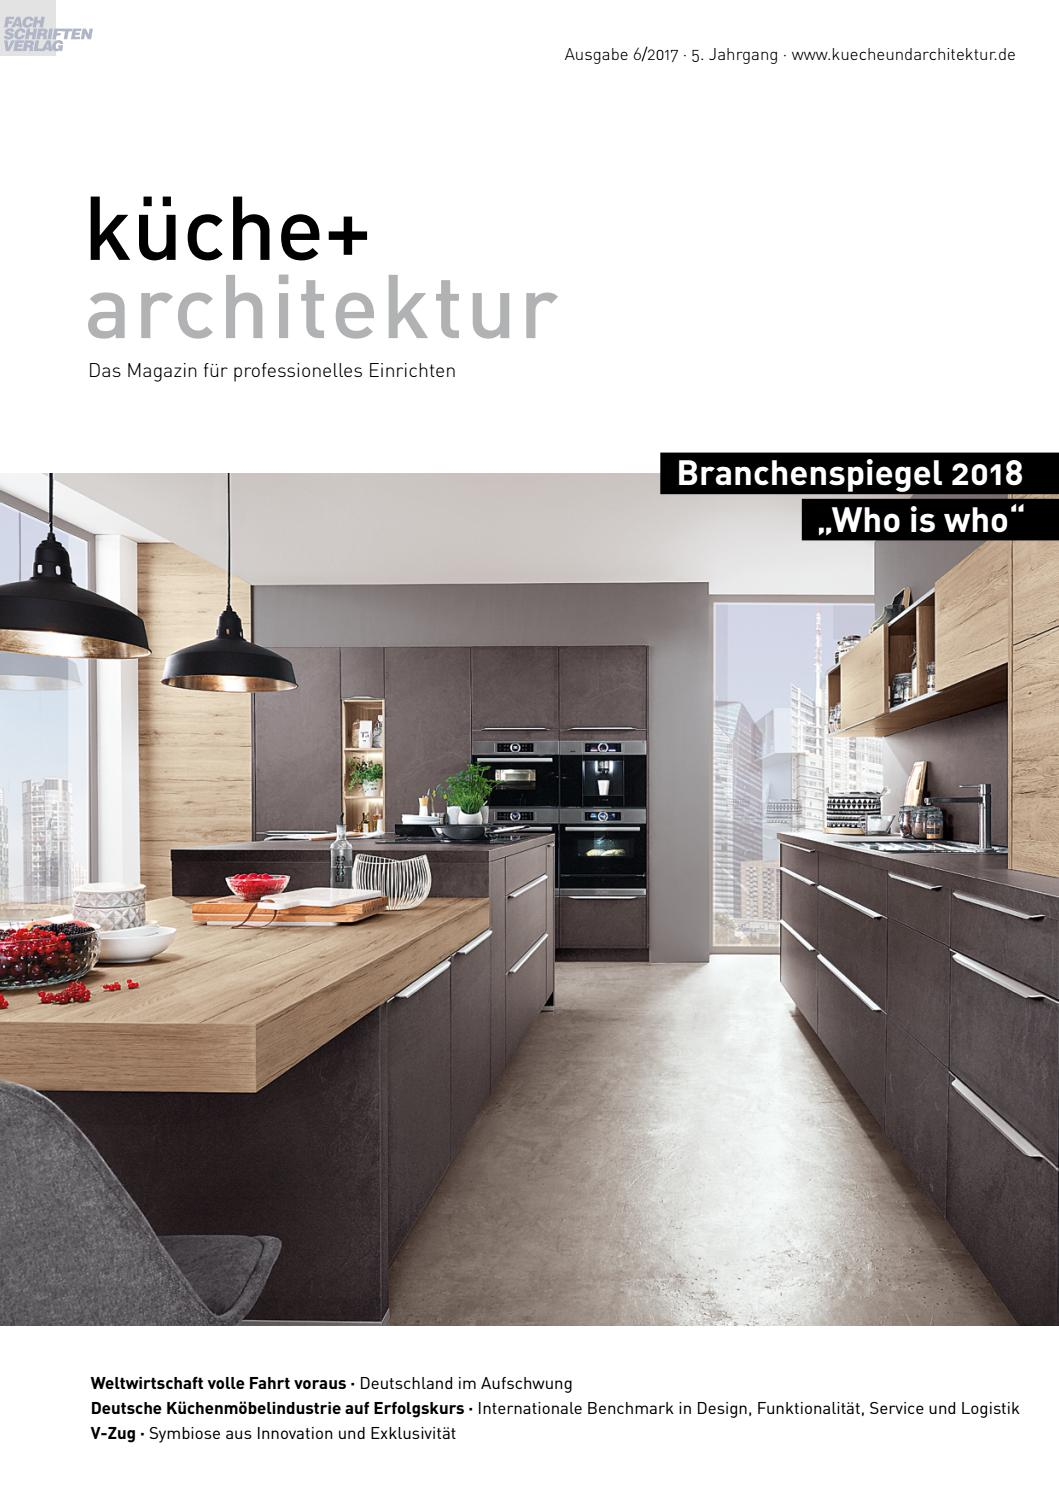 küche + architektur 6/2017 by Fachschriften Verlag - issuu